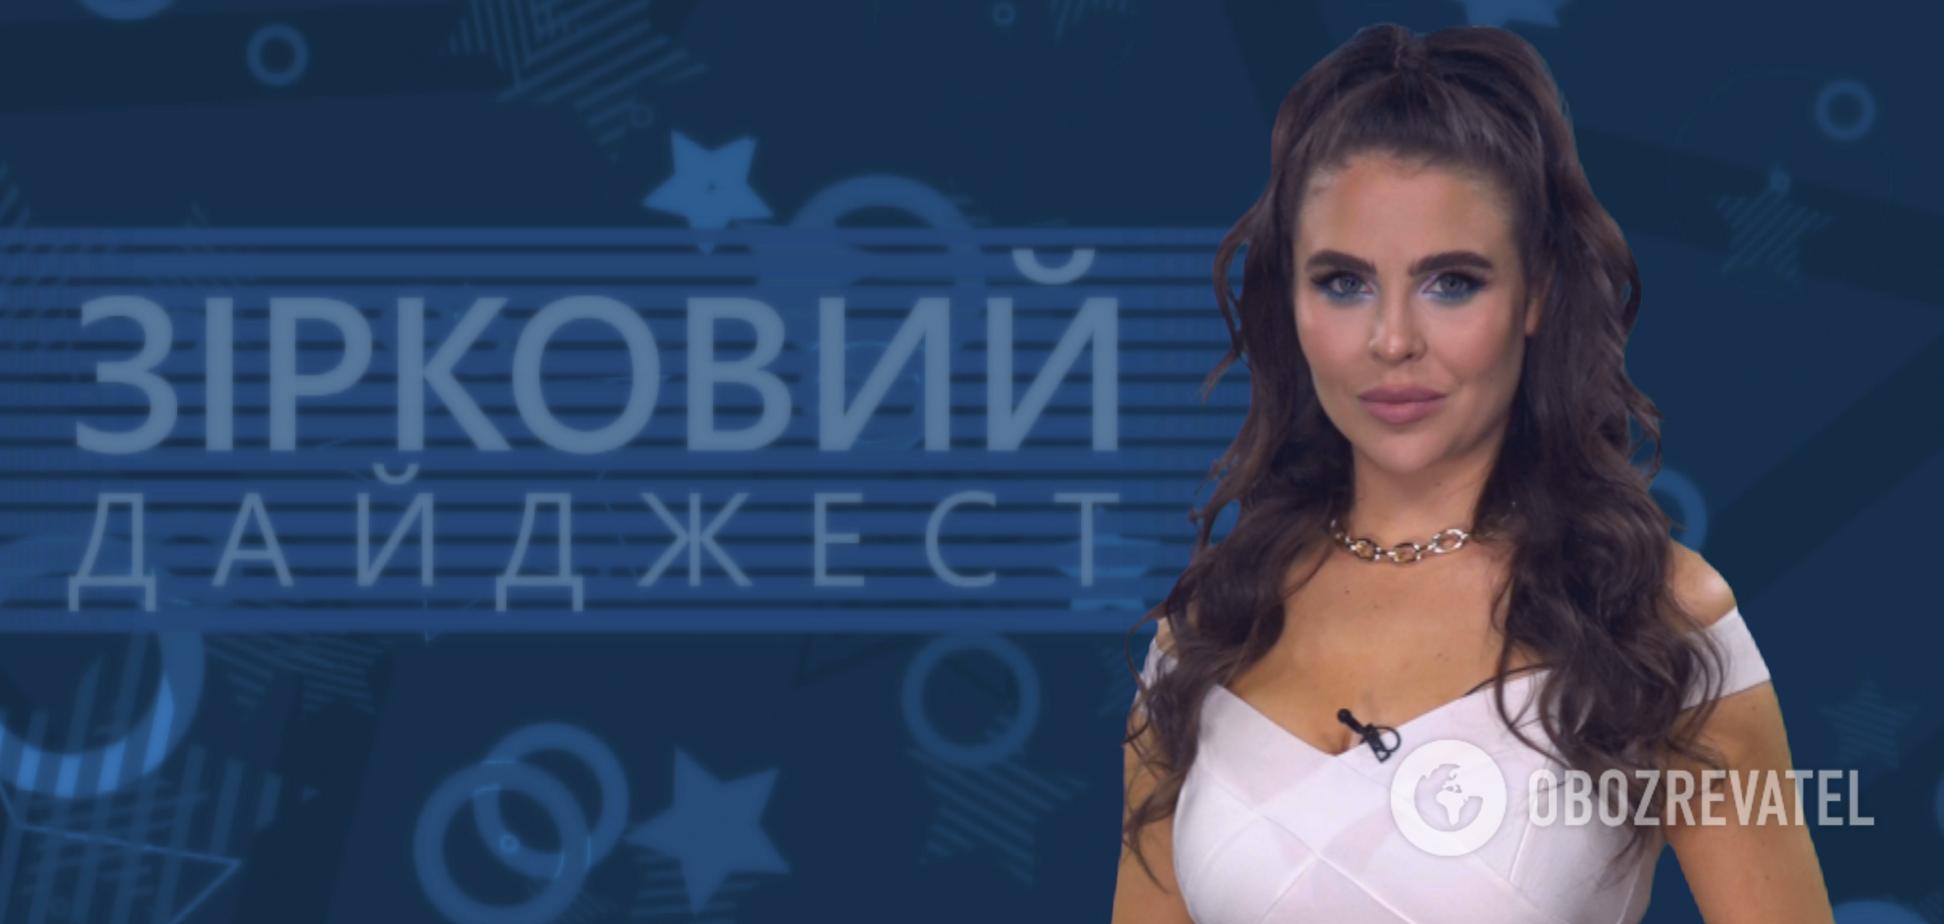 Зірковий дайджест з Оленою Гомон: Ратаковські вразила кардинально новим образом